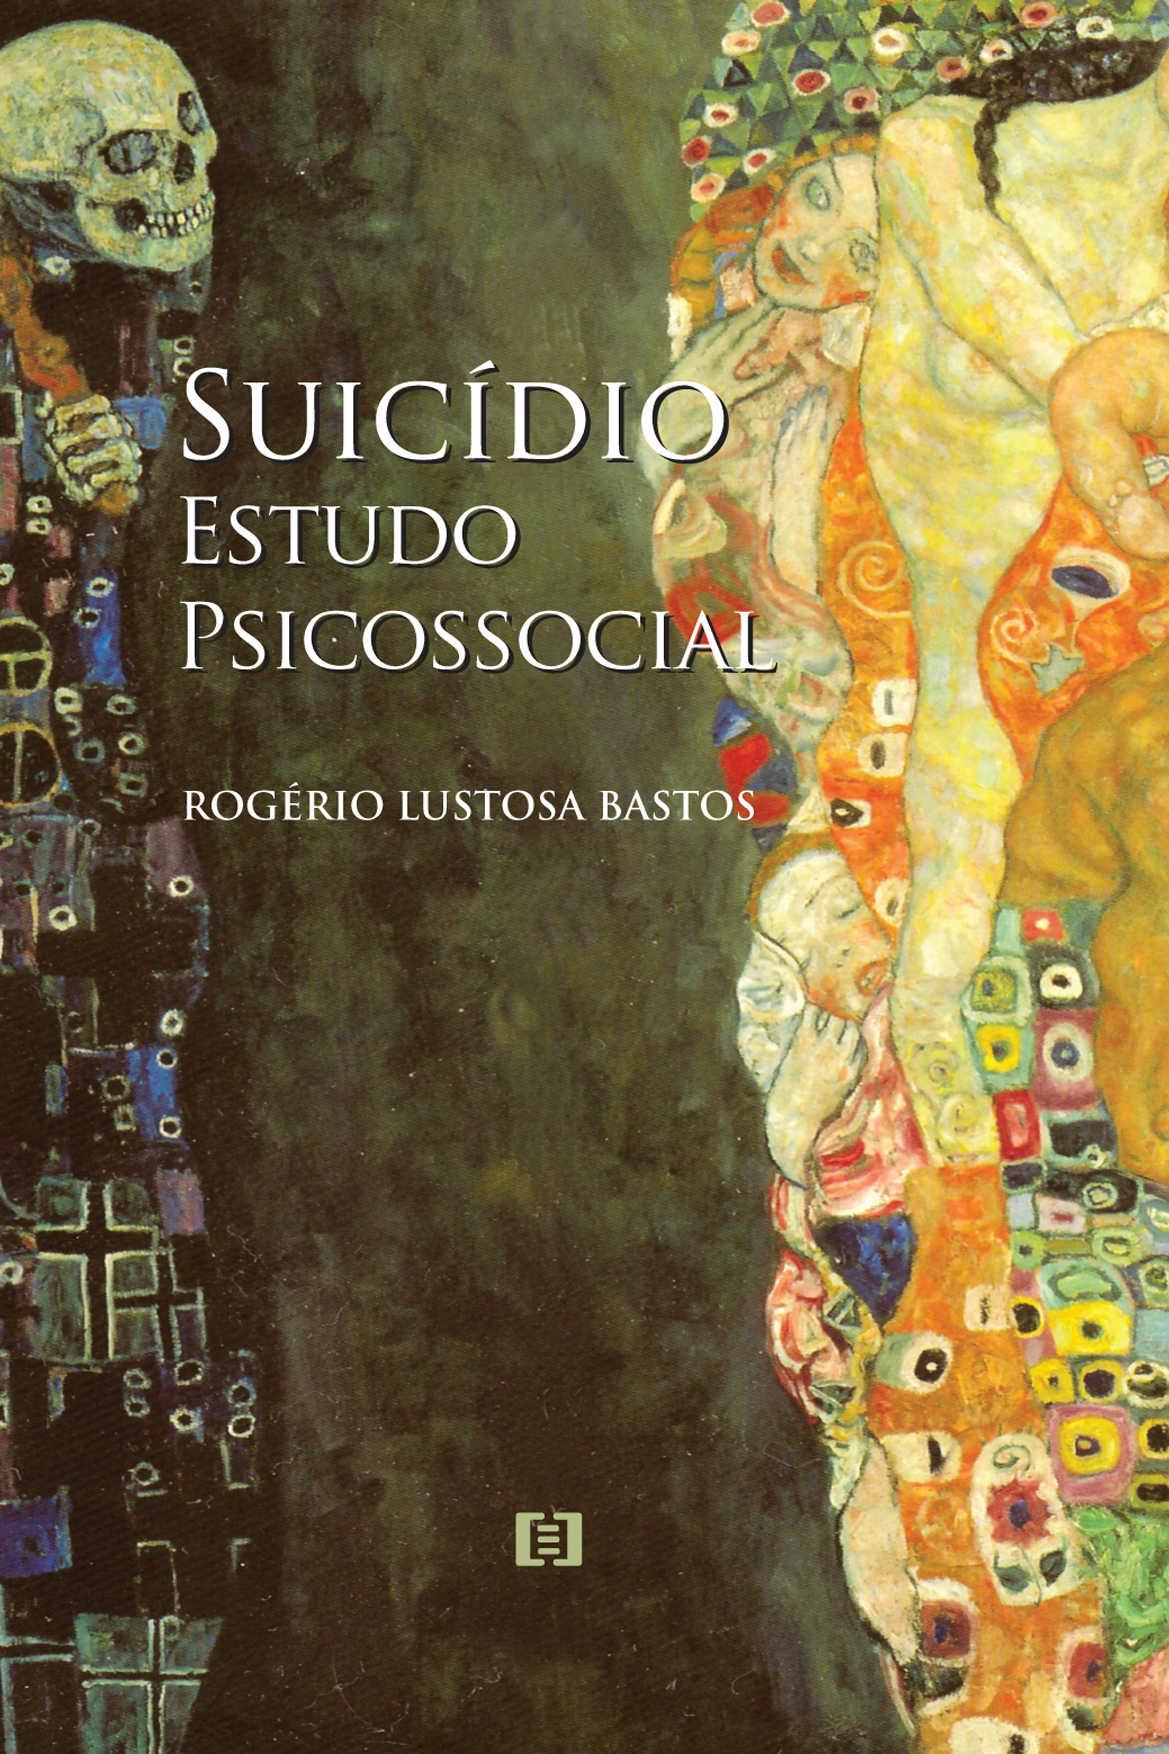 Suicídio: Estudo psicossocial